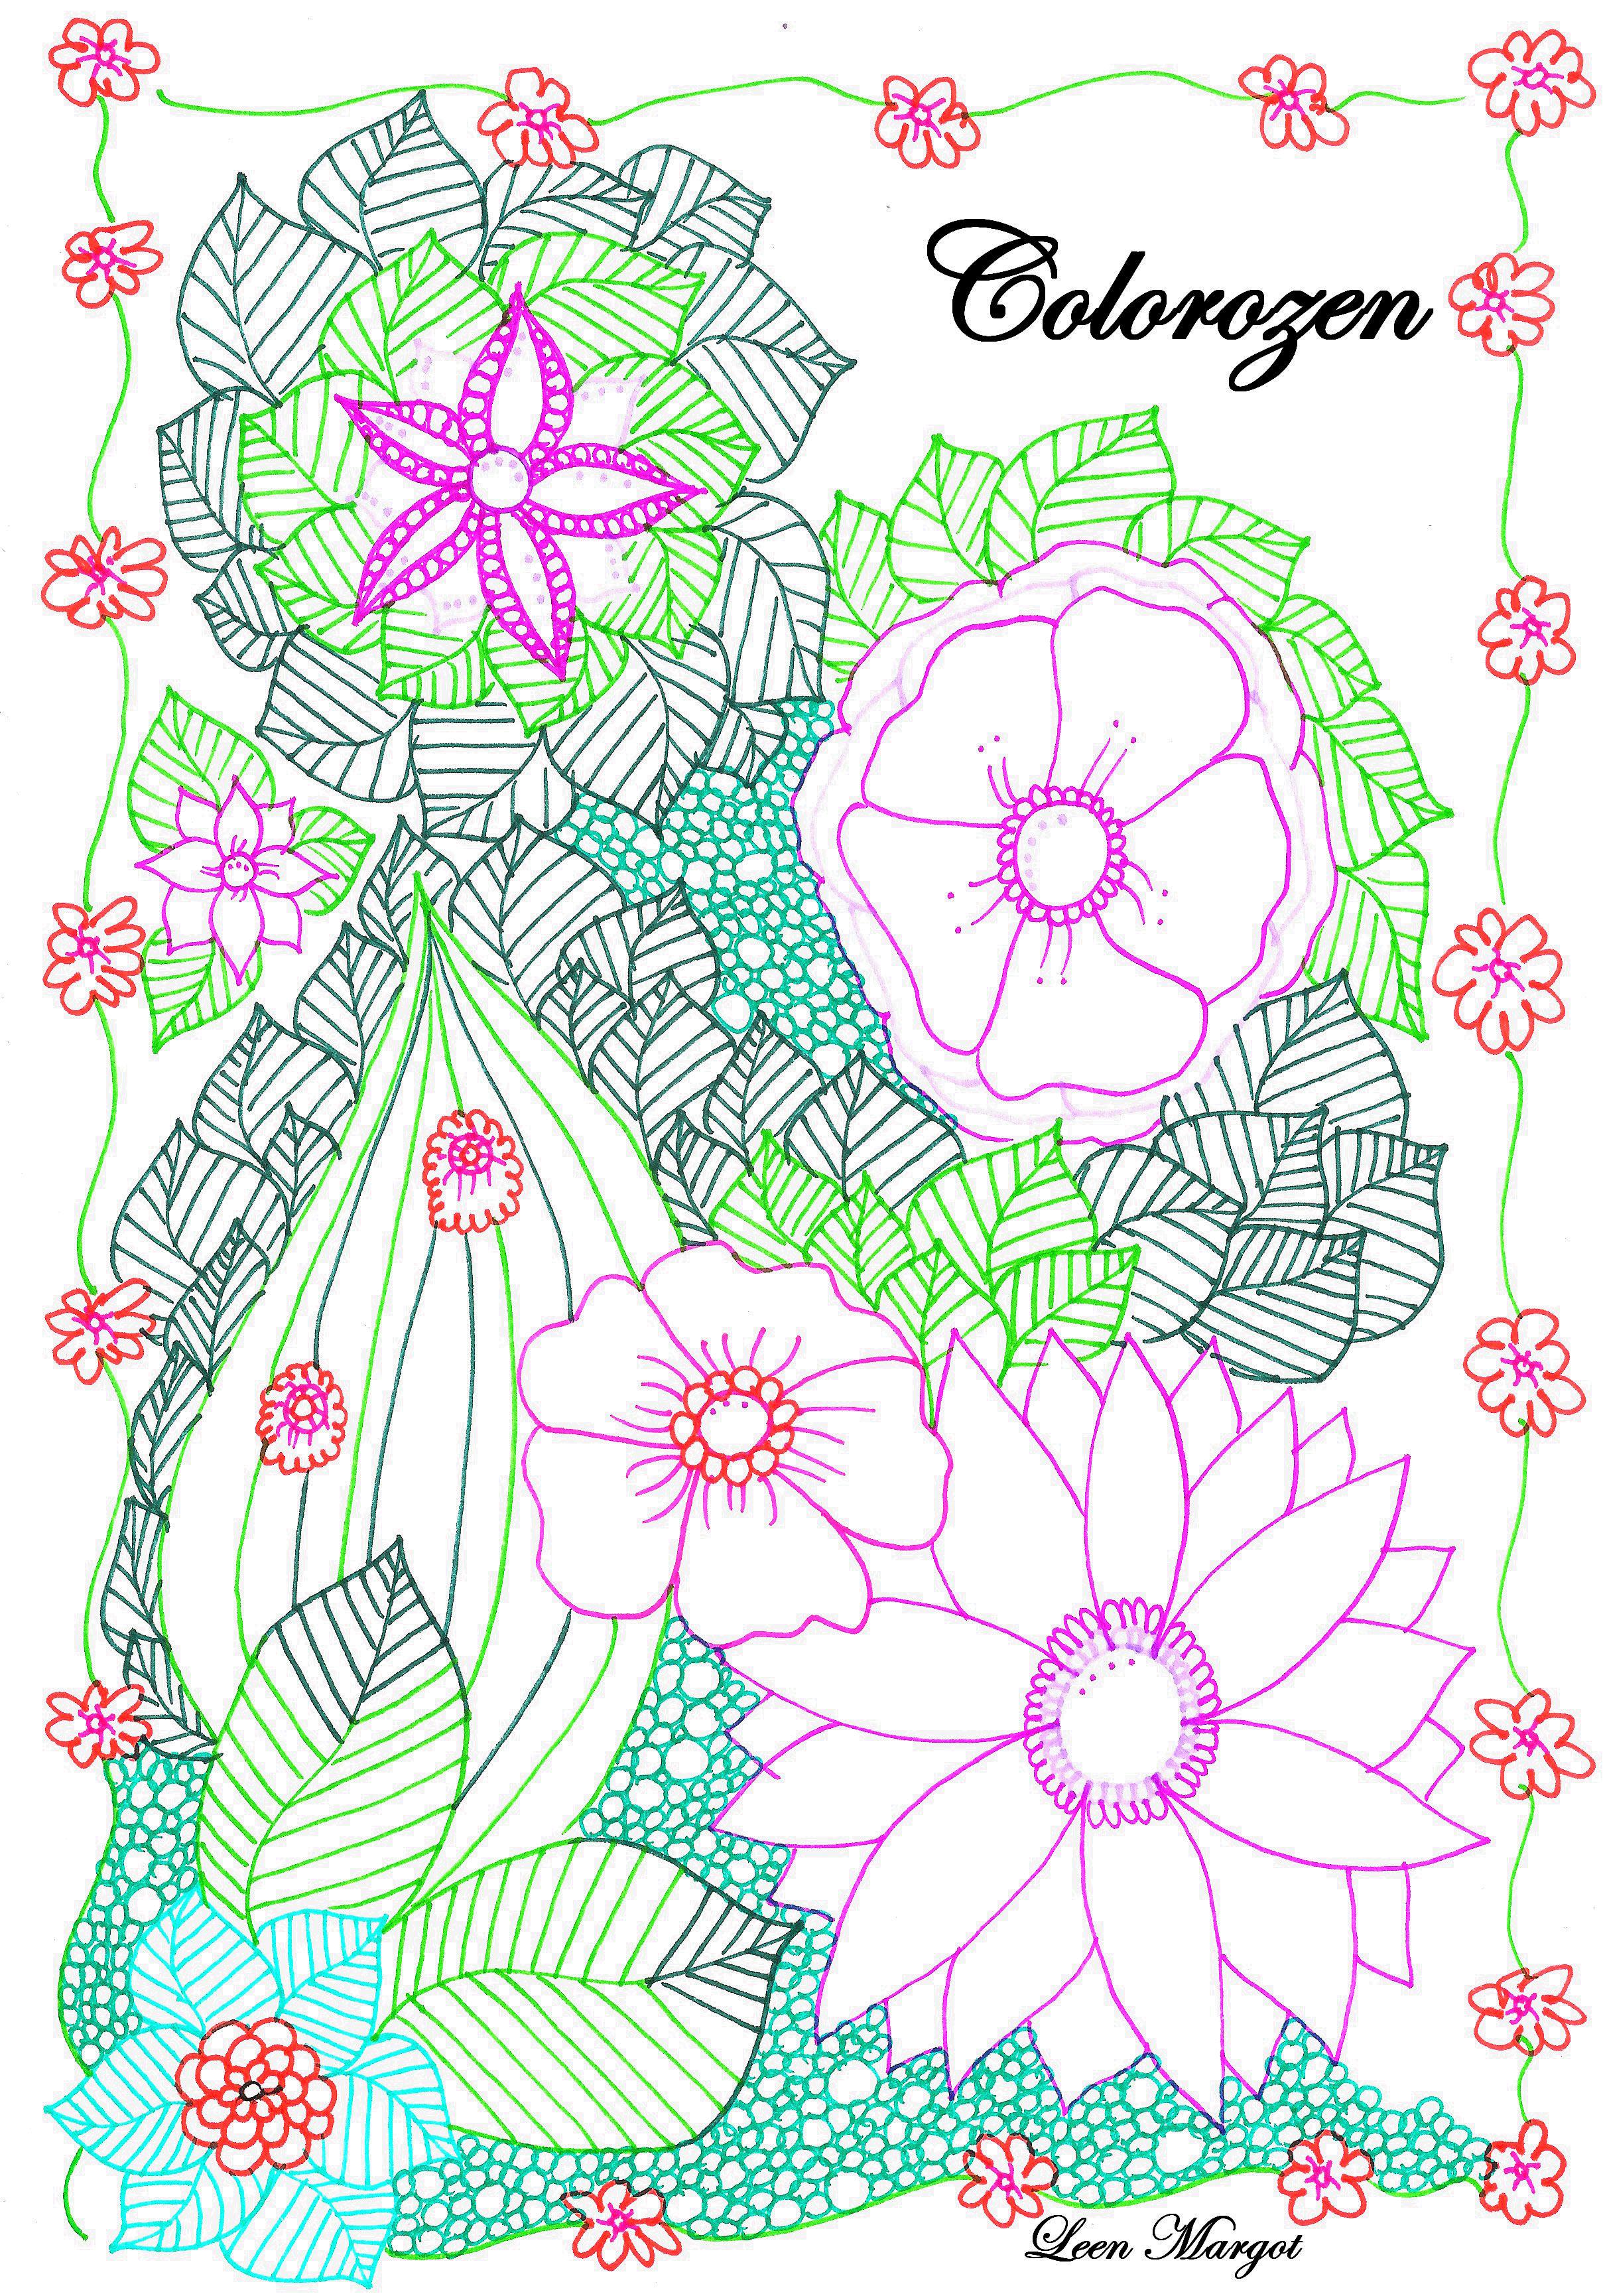 Disegni da colorare per adulti : Colorzen - 2